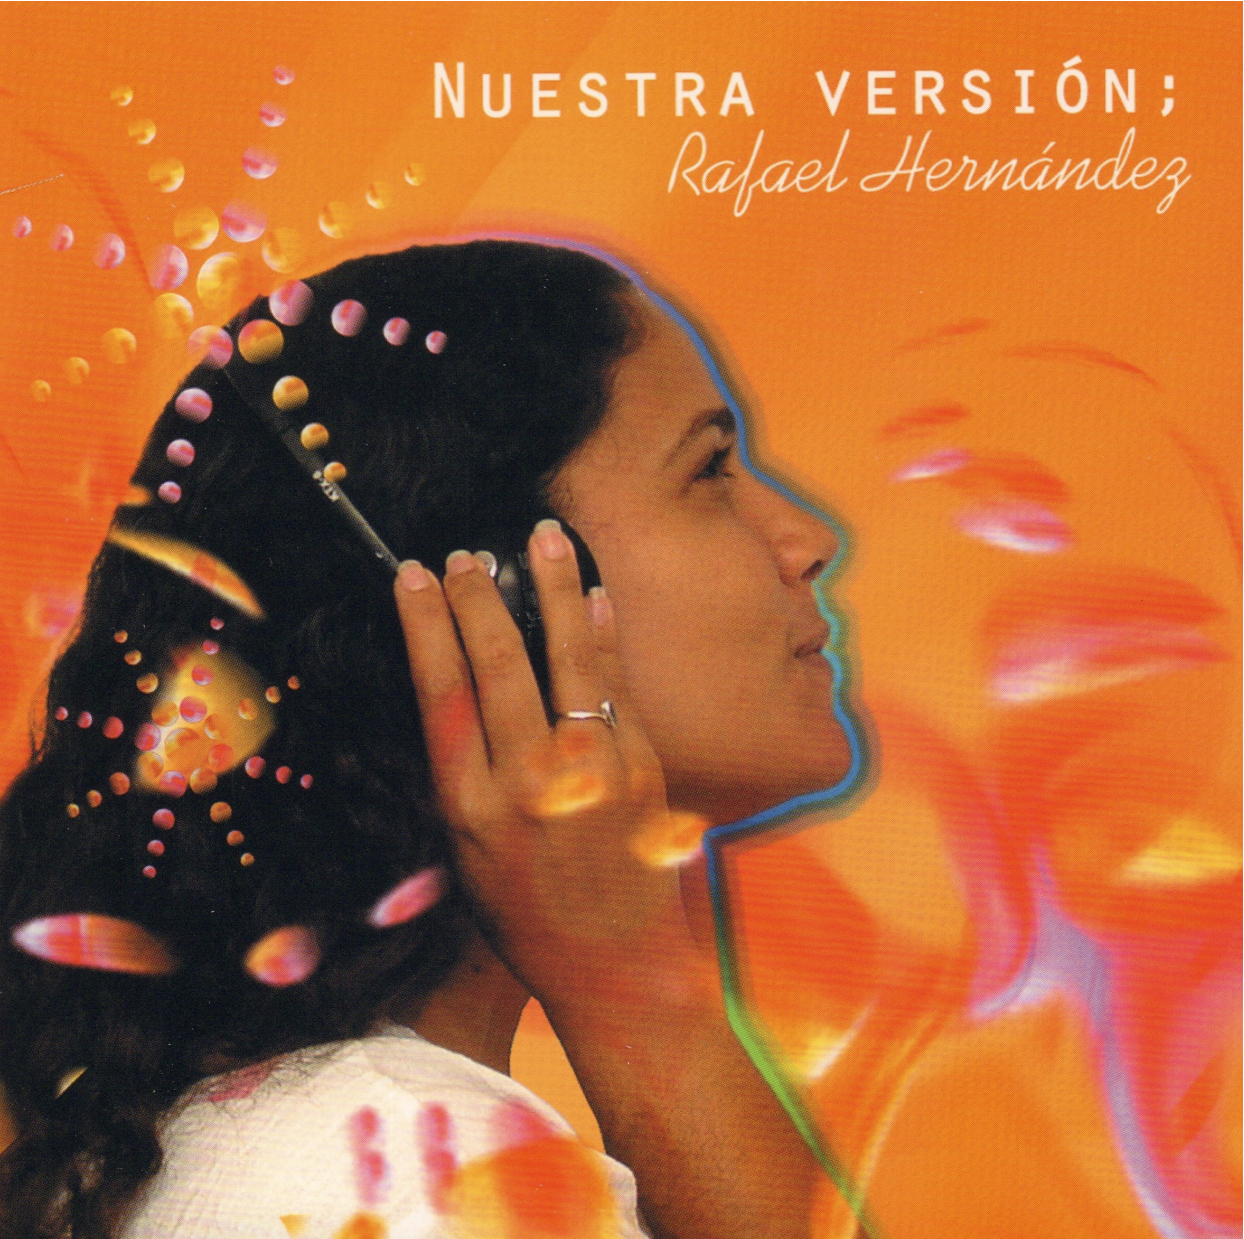 Nuestra Versión - Música de Rafael Hernández